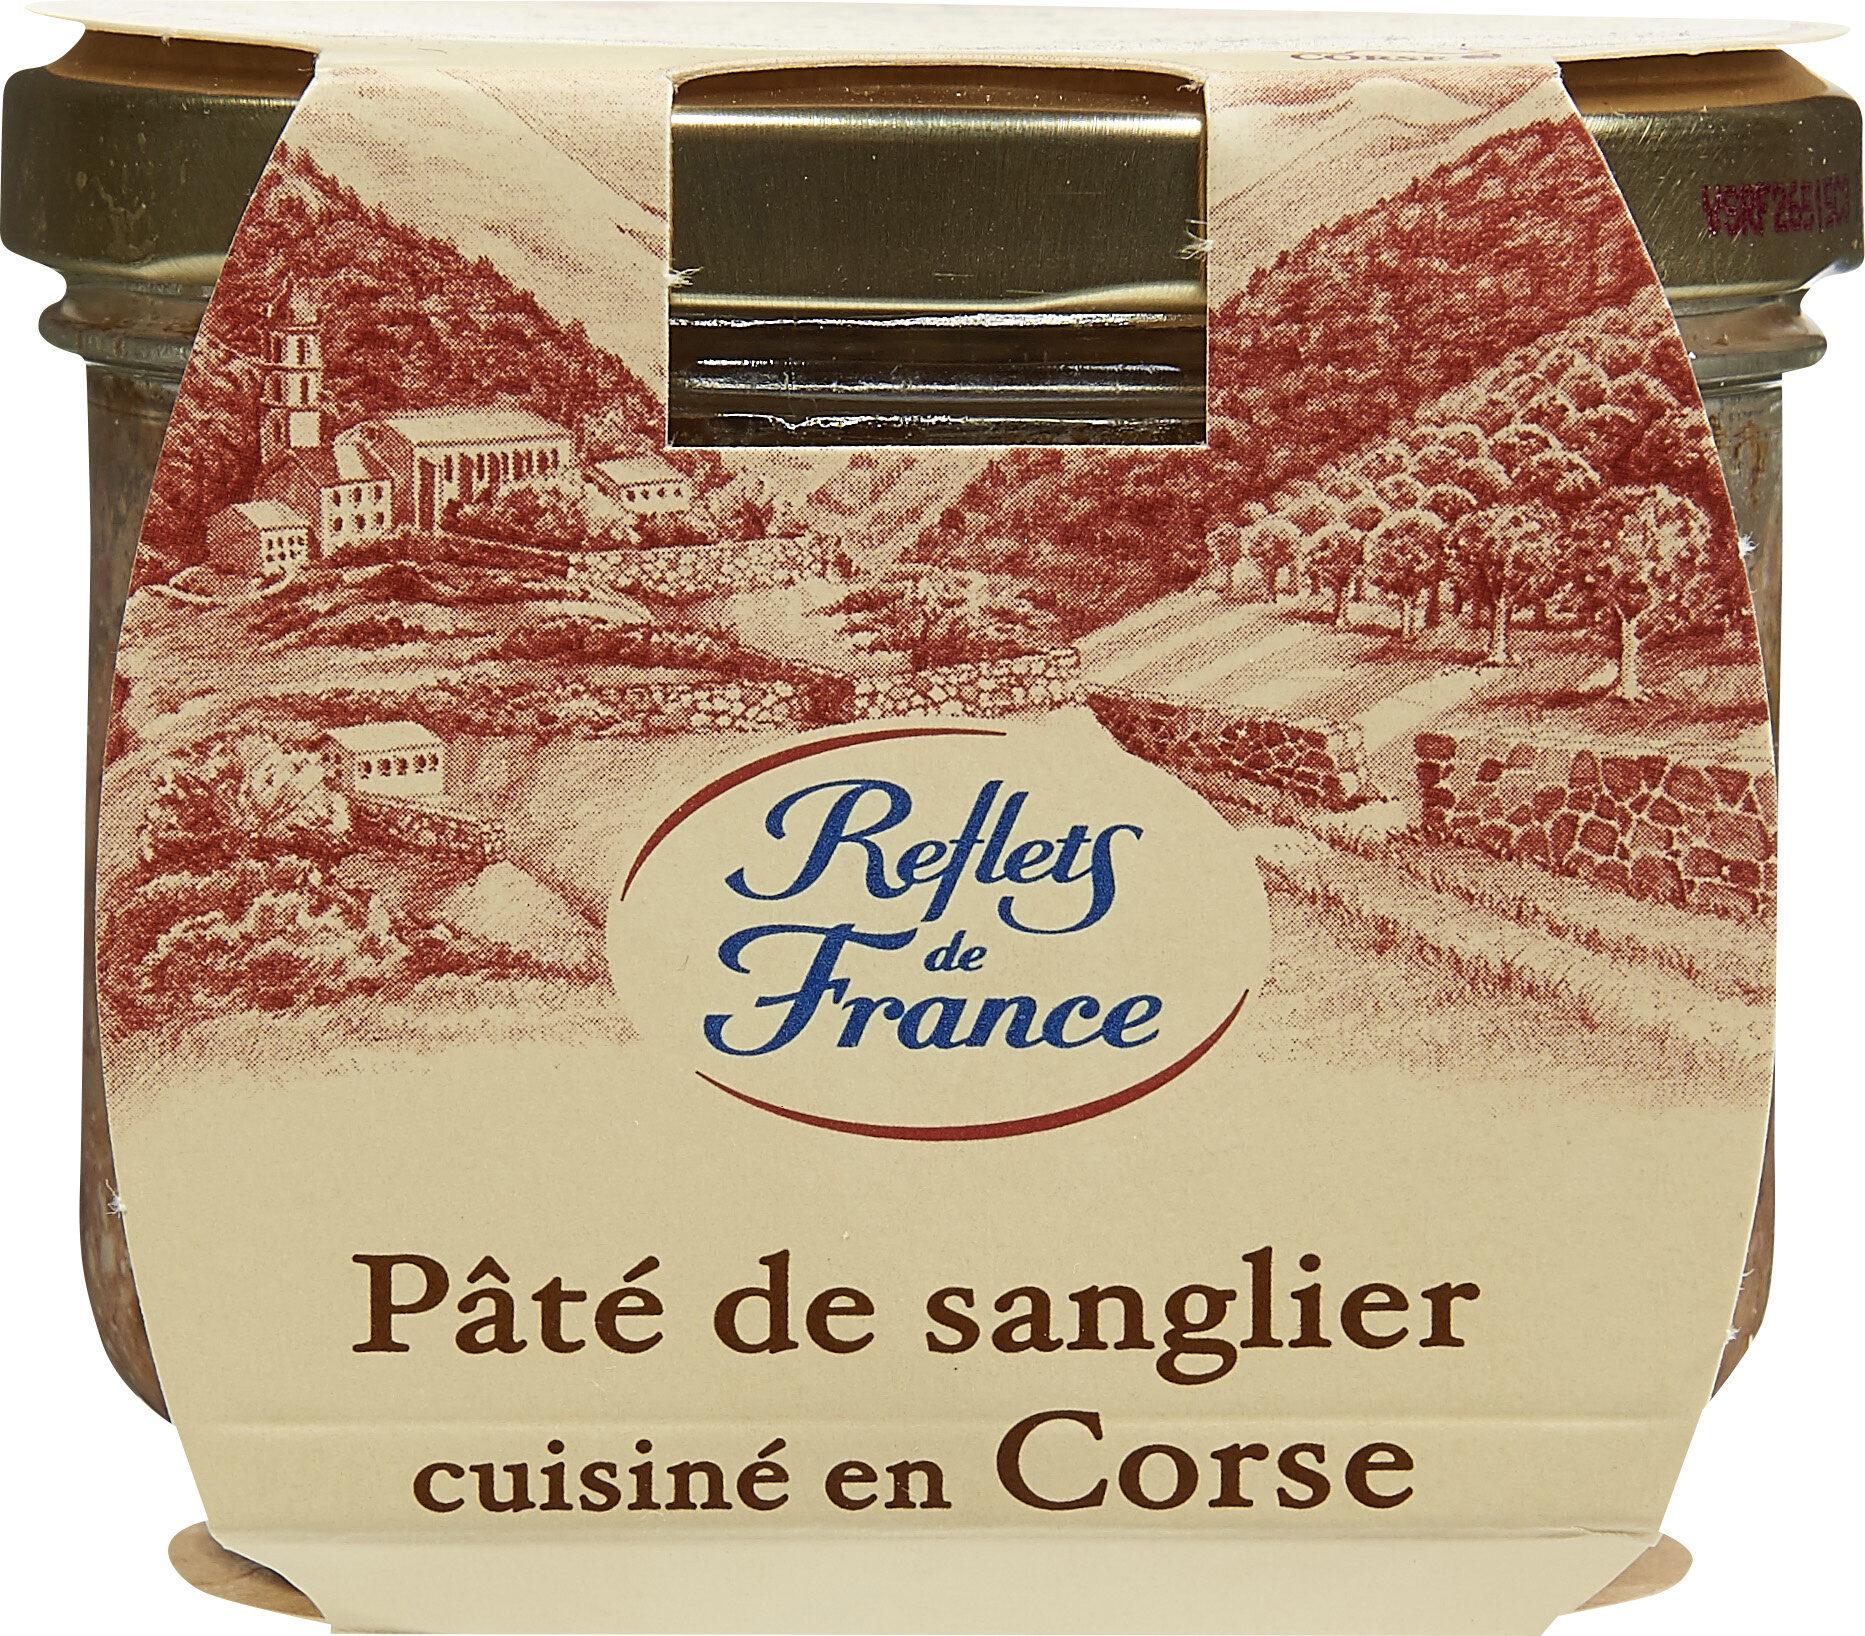 Pâté de sanglier cuisiné en Corse - Produit - fr